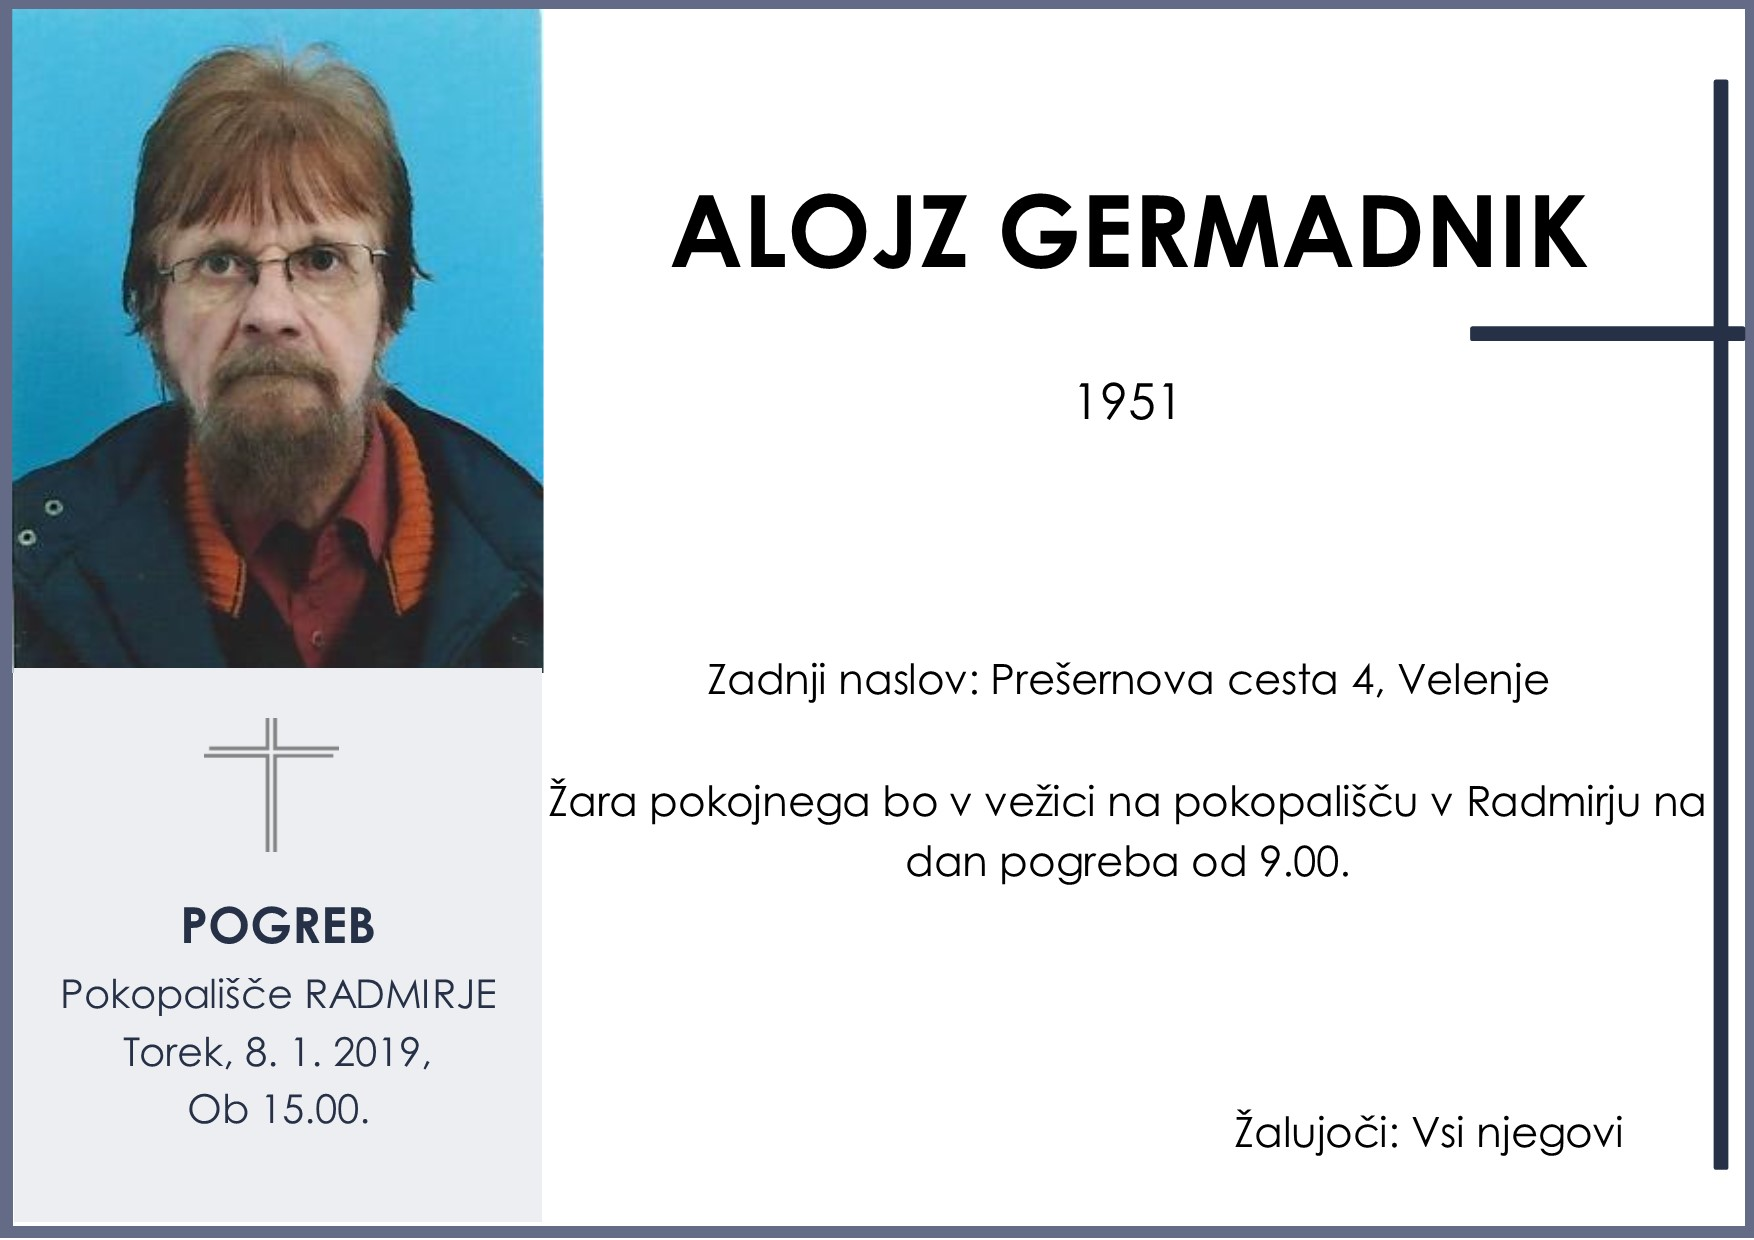 ALOJZ GERMADNIK, Radmirje, 08. 01. 2019